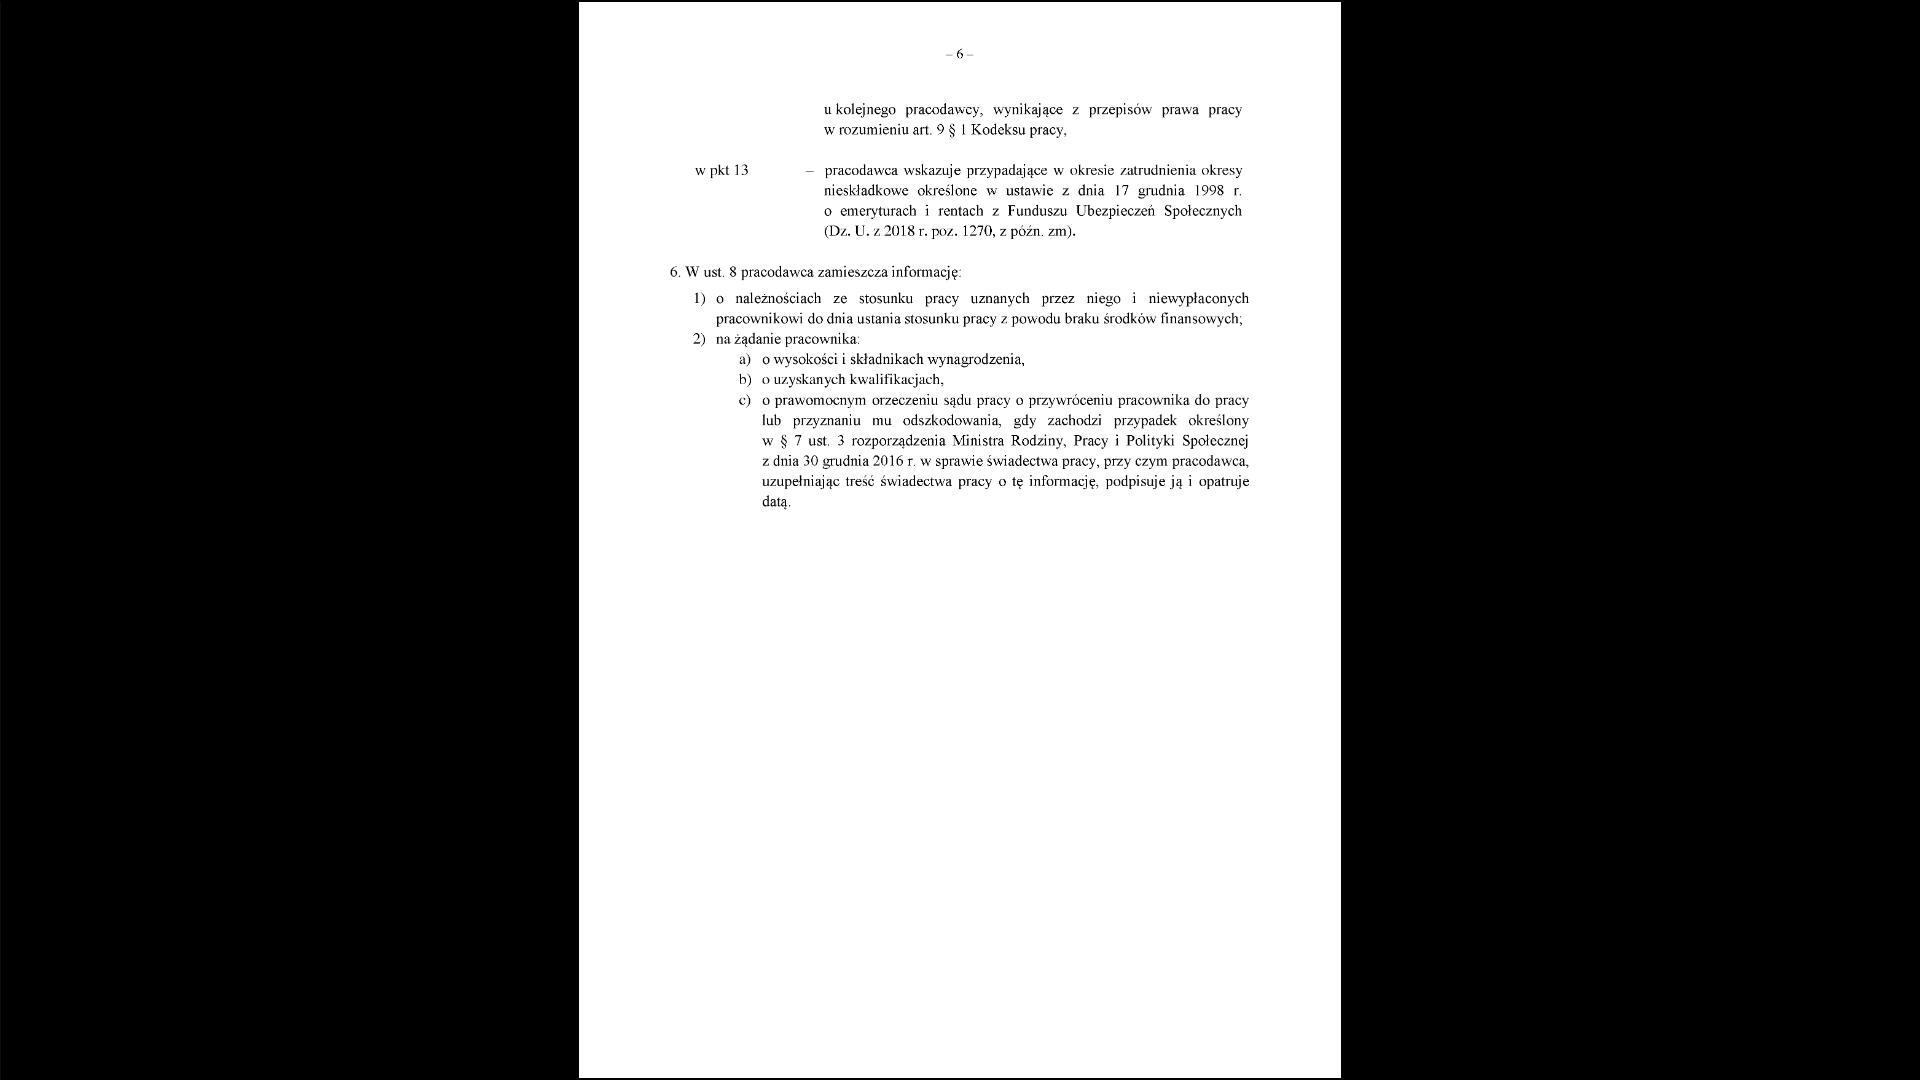 (źródło: Rządowe Centrum Legislacji/legislacja.rcl.gov.pl)